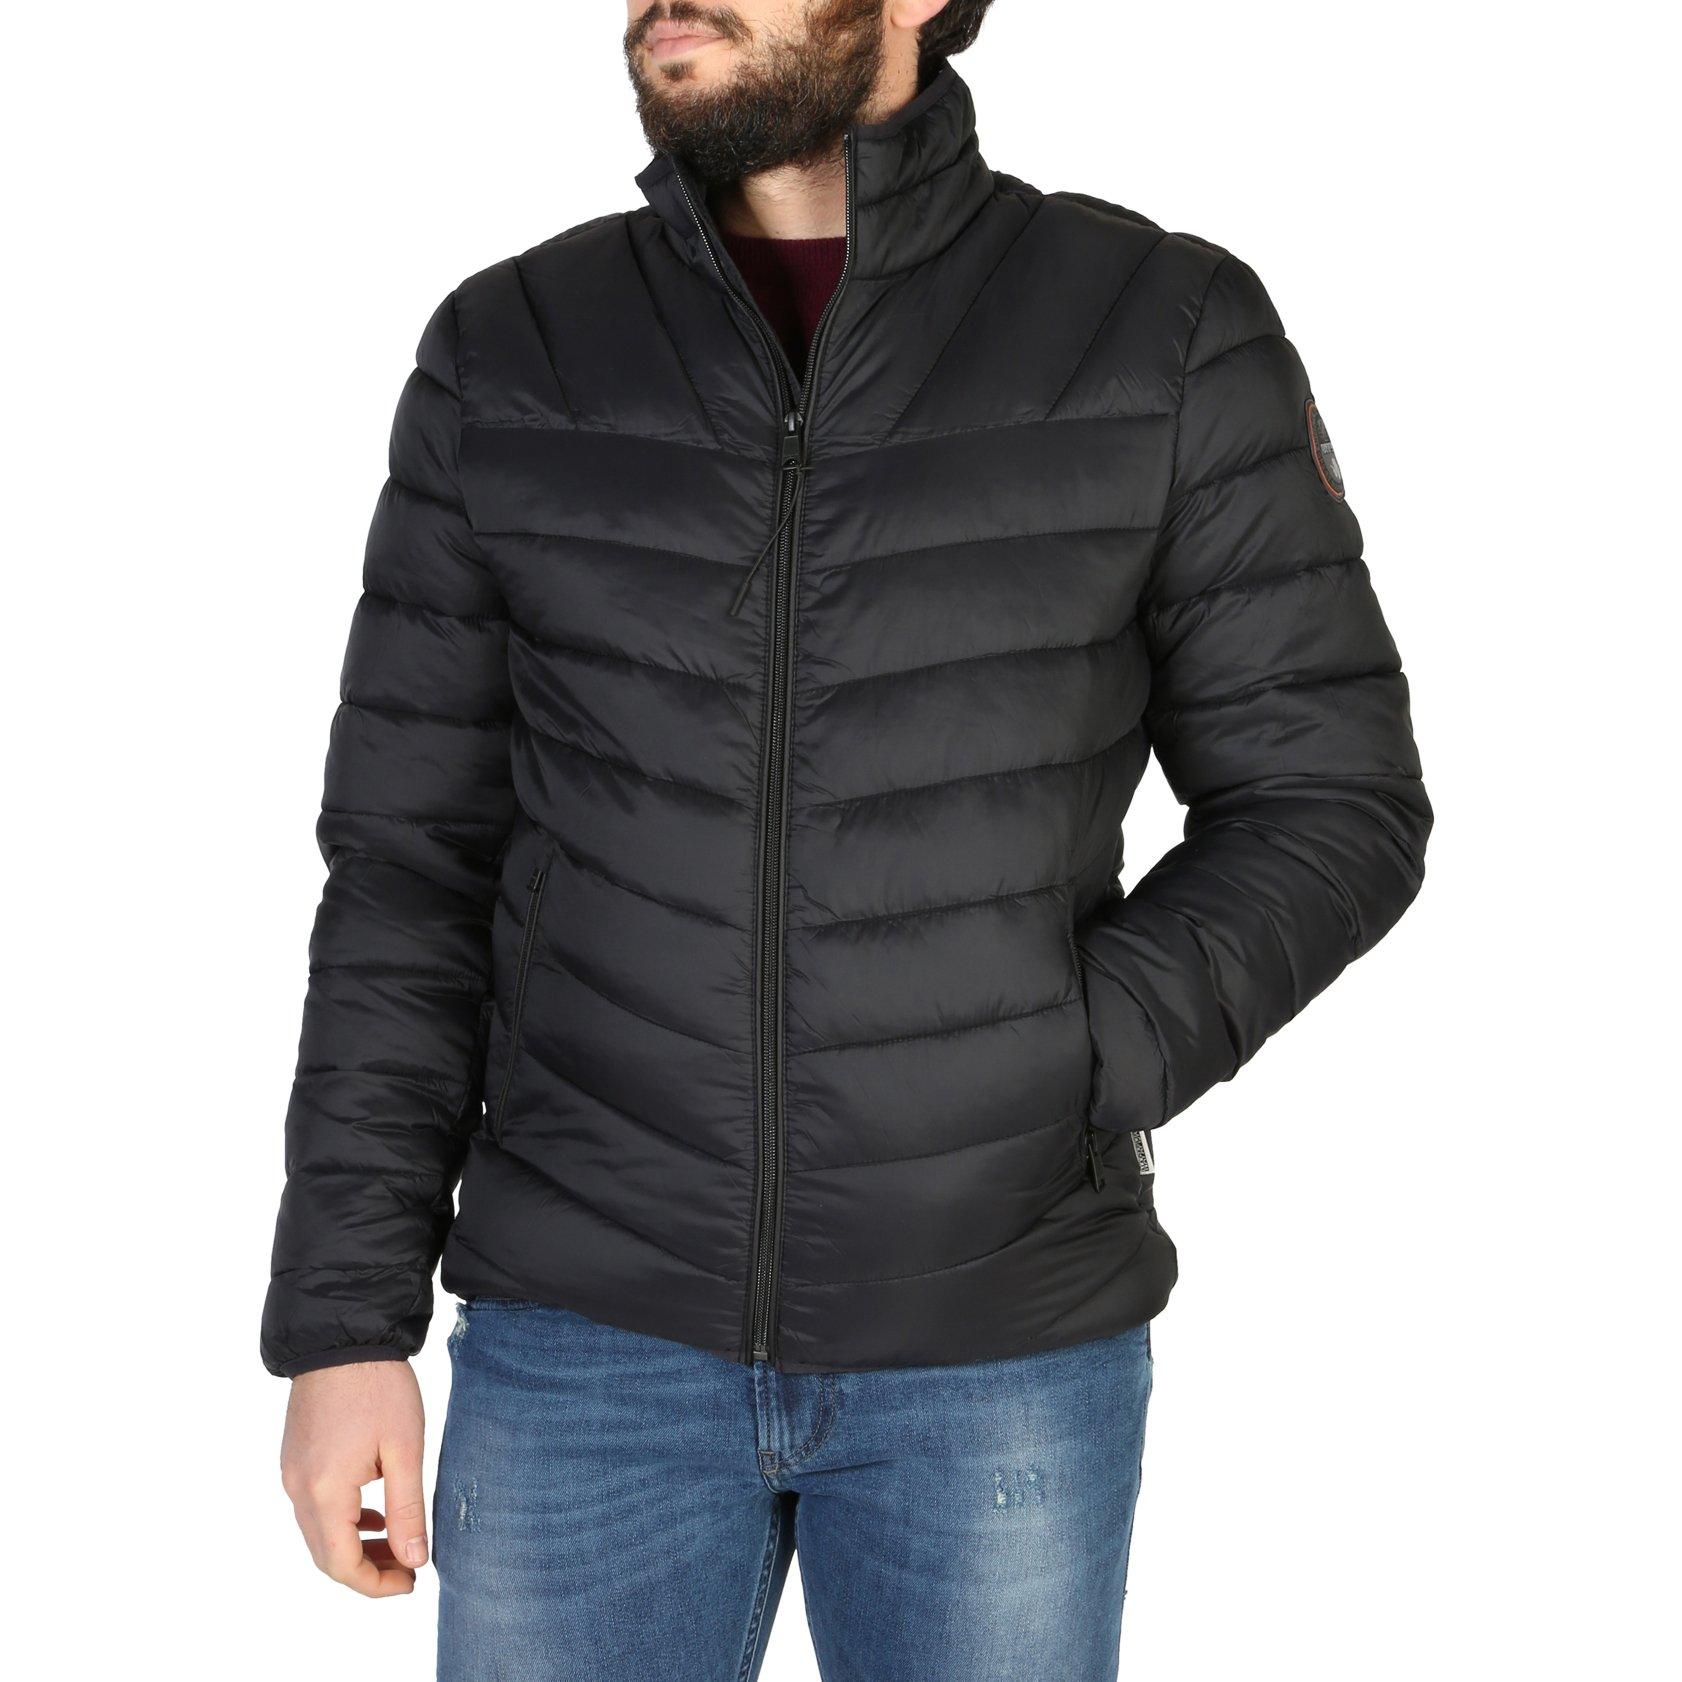 Napapijri Men's Jacket Various Colours NP0A4ENM - black S